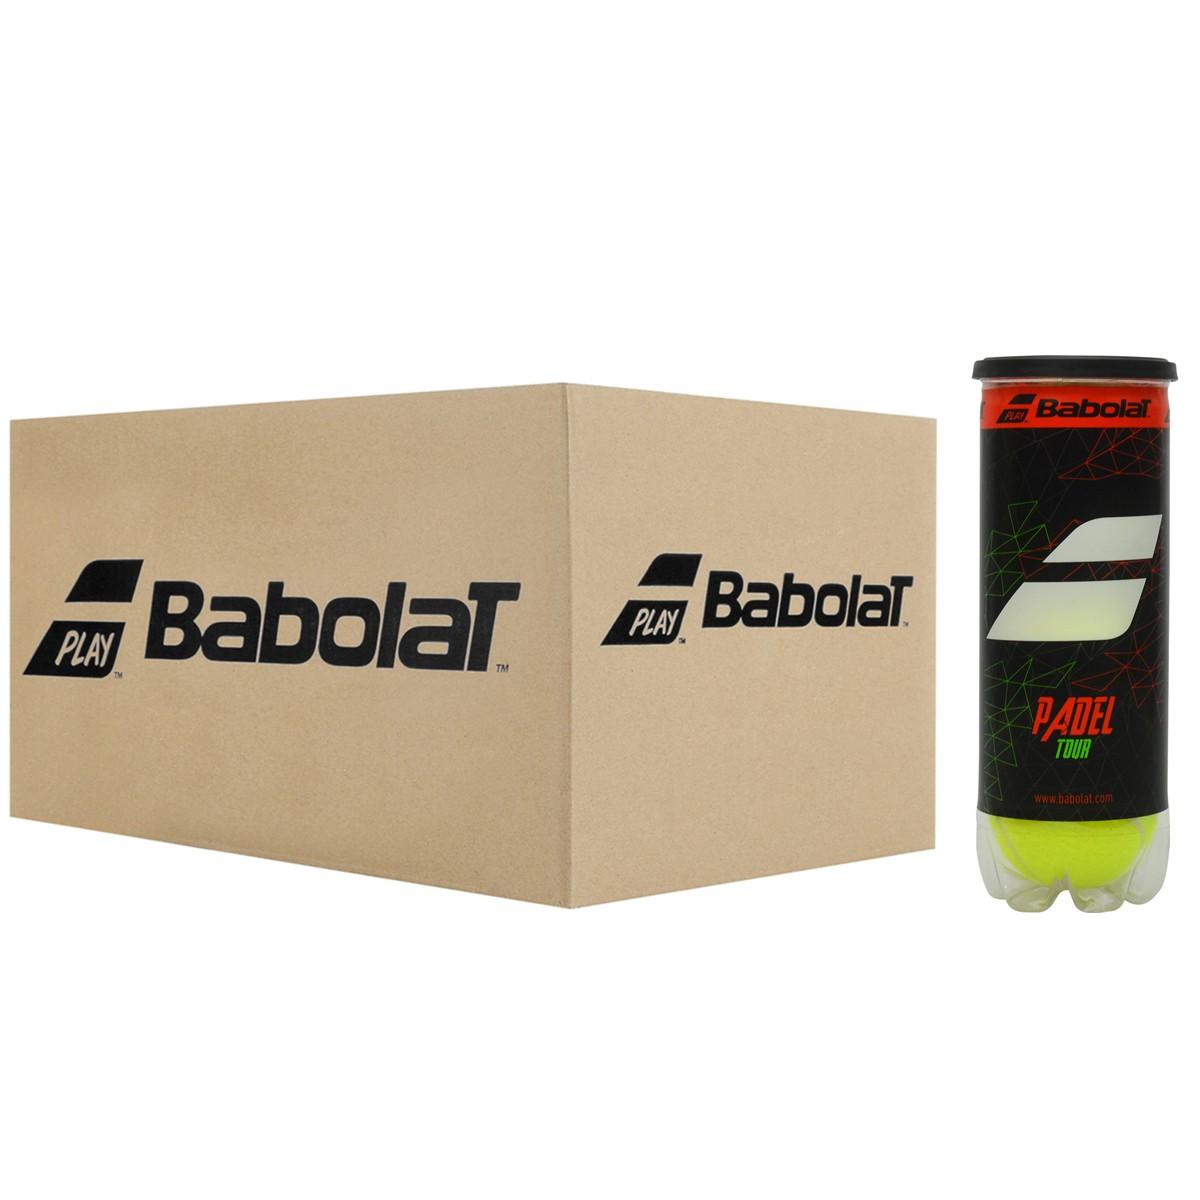 CARTON DE 24 TUBES DE 3 BALLES DE PADEL BABOLAT PADEL TOUR